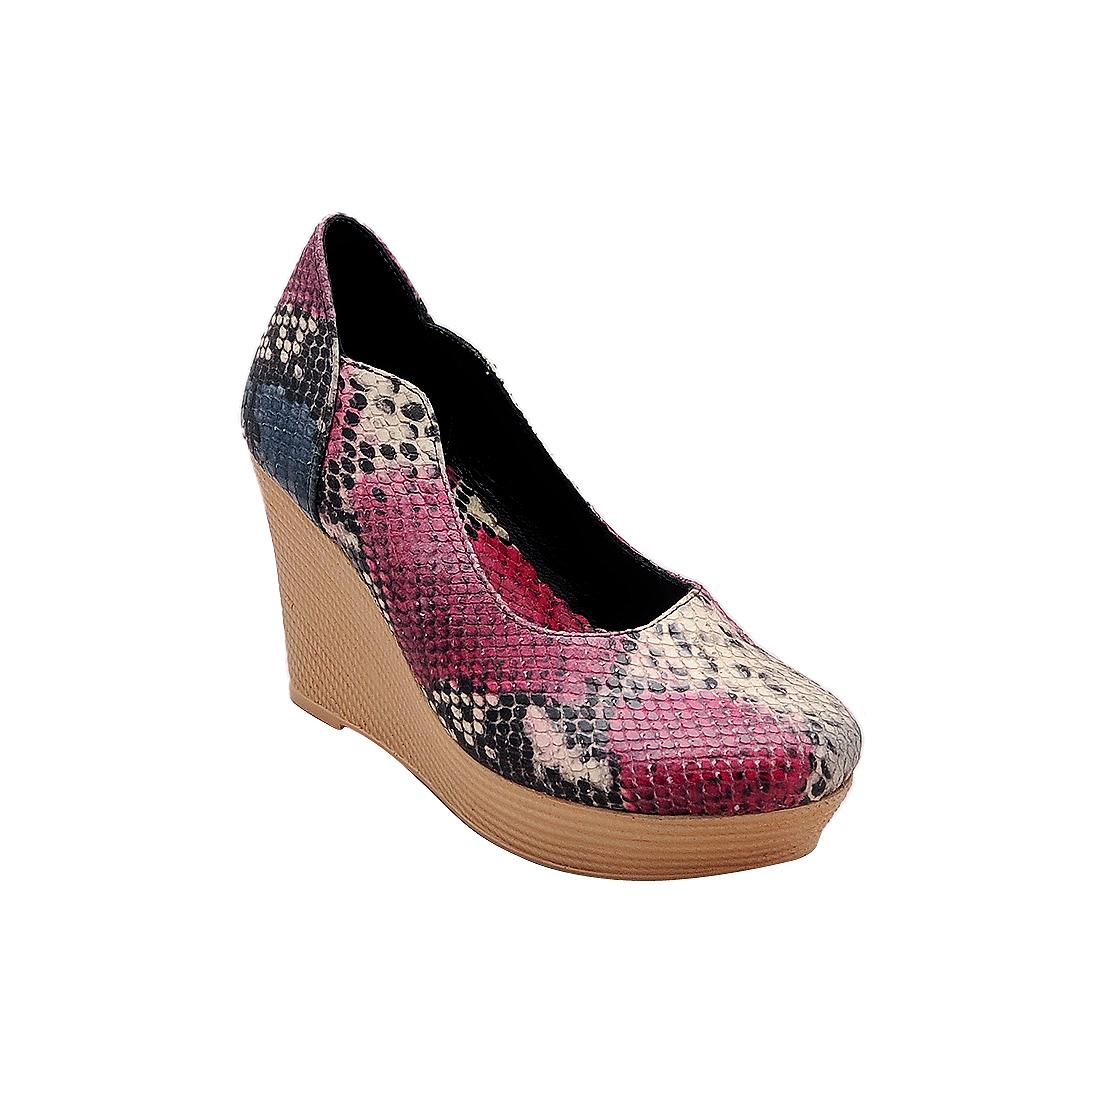 Giày nữ đế xuồng da bò thật cao cấp màu hồng rắn